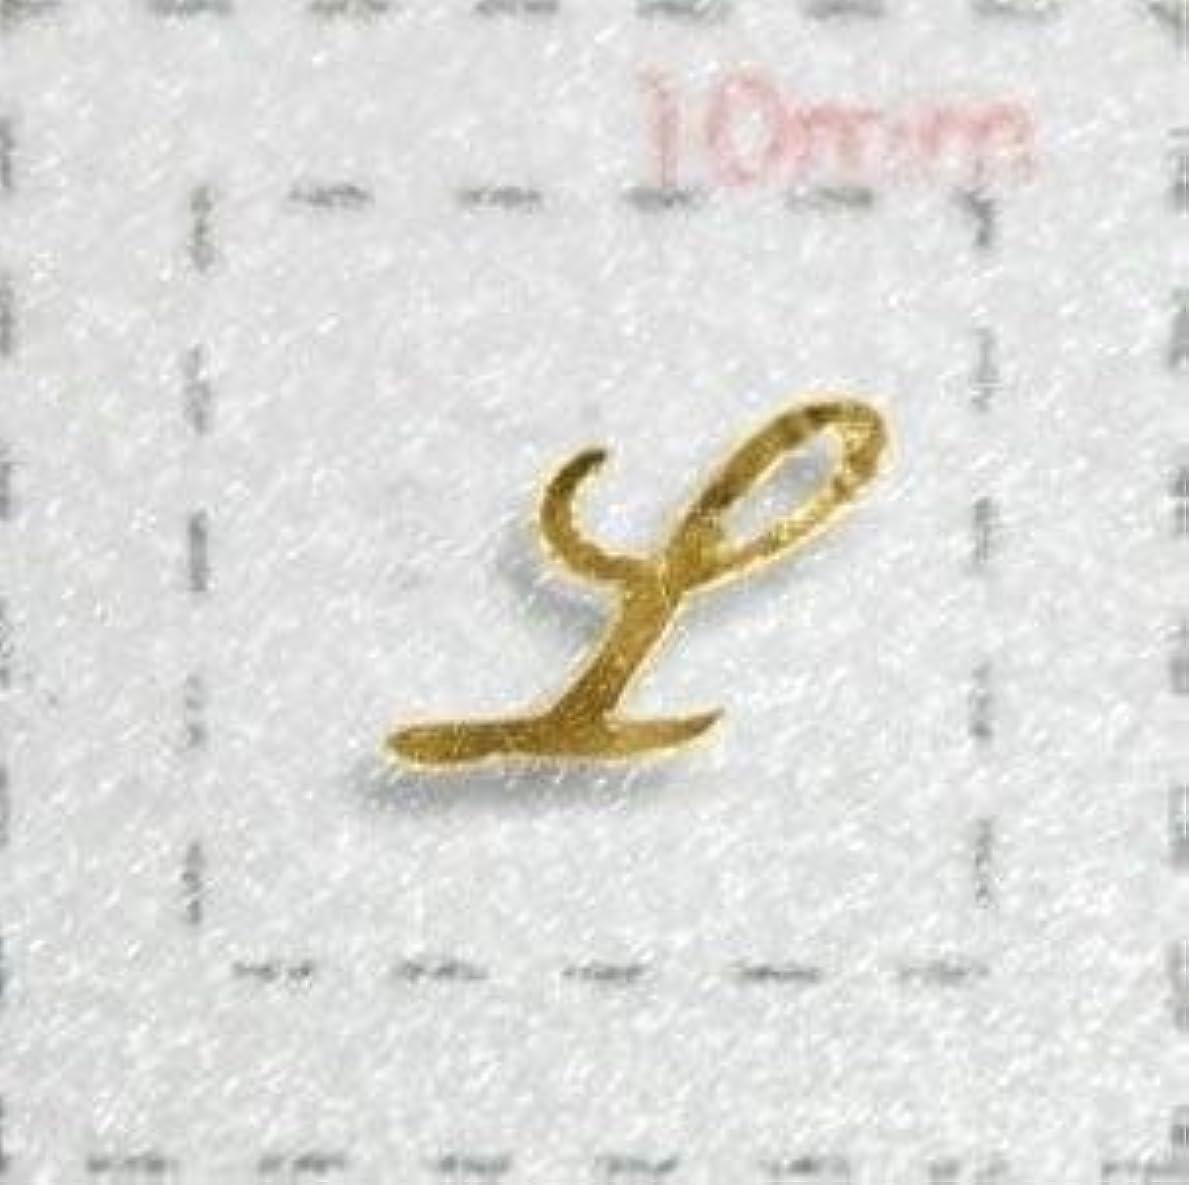 おじいちゃんレポートを書くその後Nameネイルシール【アルファベット?イニシャル】大文字ゴールド( L )1シート9枚入